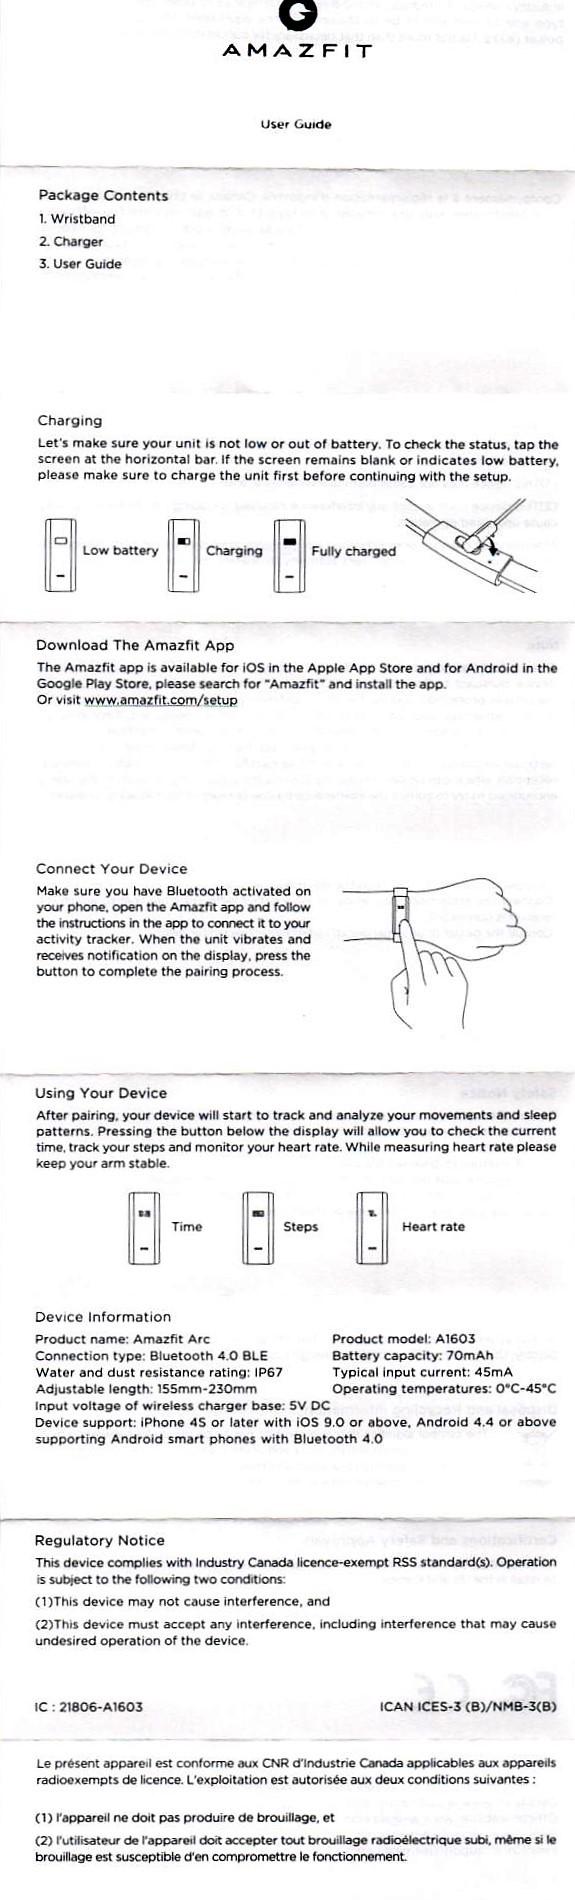 Xiaomi Amazfit A1603 スマートバンド 取説